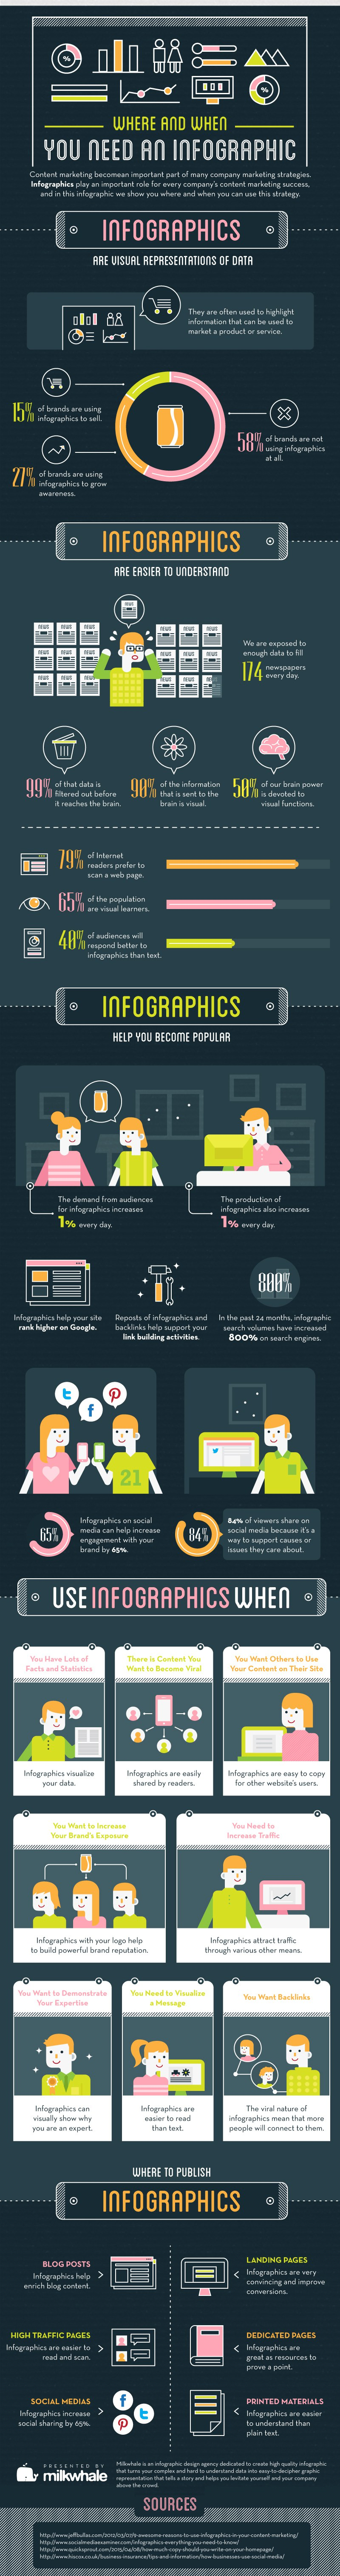 Hola: Una infografía sobre Dónde y cuándo necesitas una infografía. Un saludo Click image to open interactive version (via The Ultimate Guide to Viral Infographic).